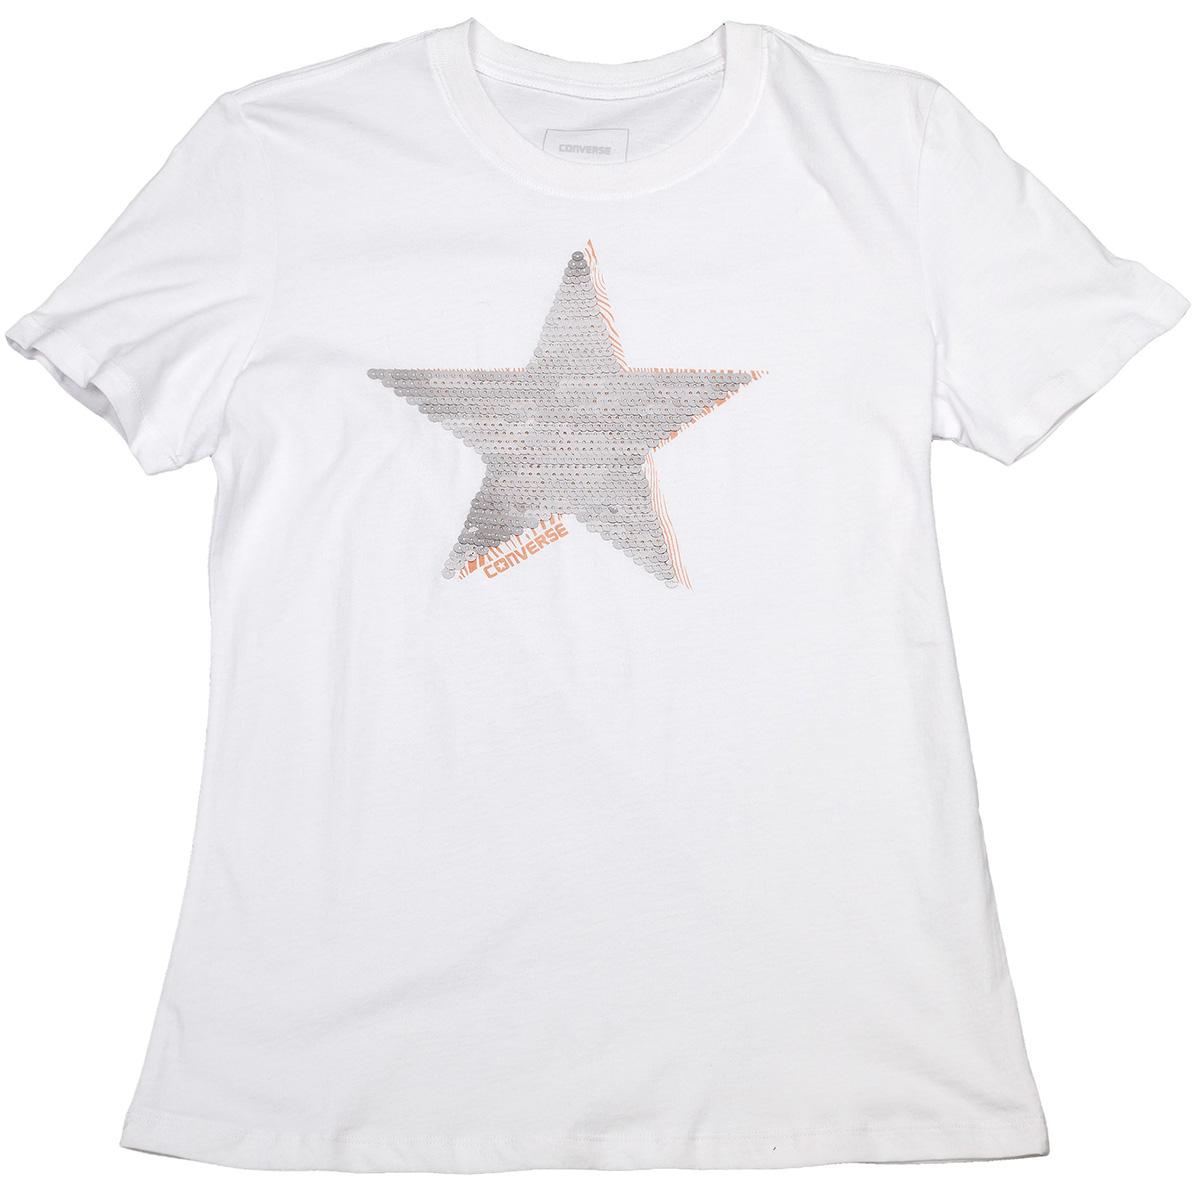 Футболка женская Converse Matte Sequin Star Crew Tee, цвет: белый. 10004652102. Размер S (44)10004652102Стильная женская футболка Converse, выполненная из высококачественного материала, прекрасно подойдет для активного отдыха и занятий спортом.Модель с короткими рукавами и круглым вырезом горловины - идеальный вариант для создания образа в спортивном стиле. Такая модель подарит вам комфорт в течение всего дня и послужит замечательным дополнением к вашему гардеробу.